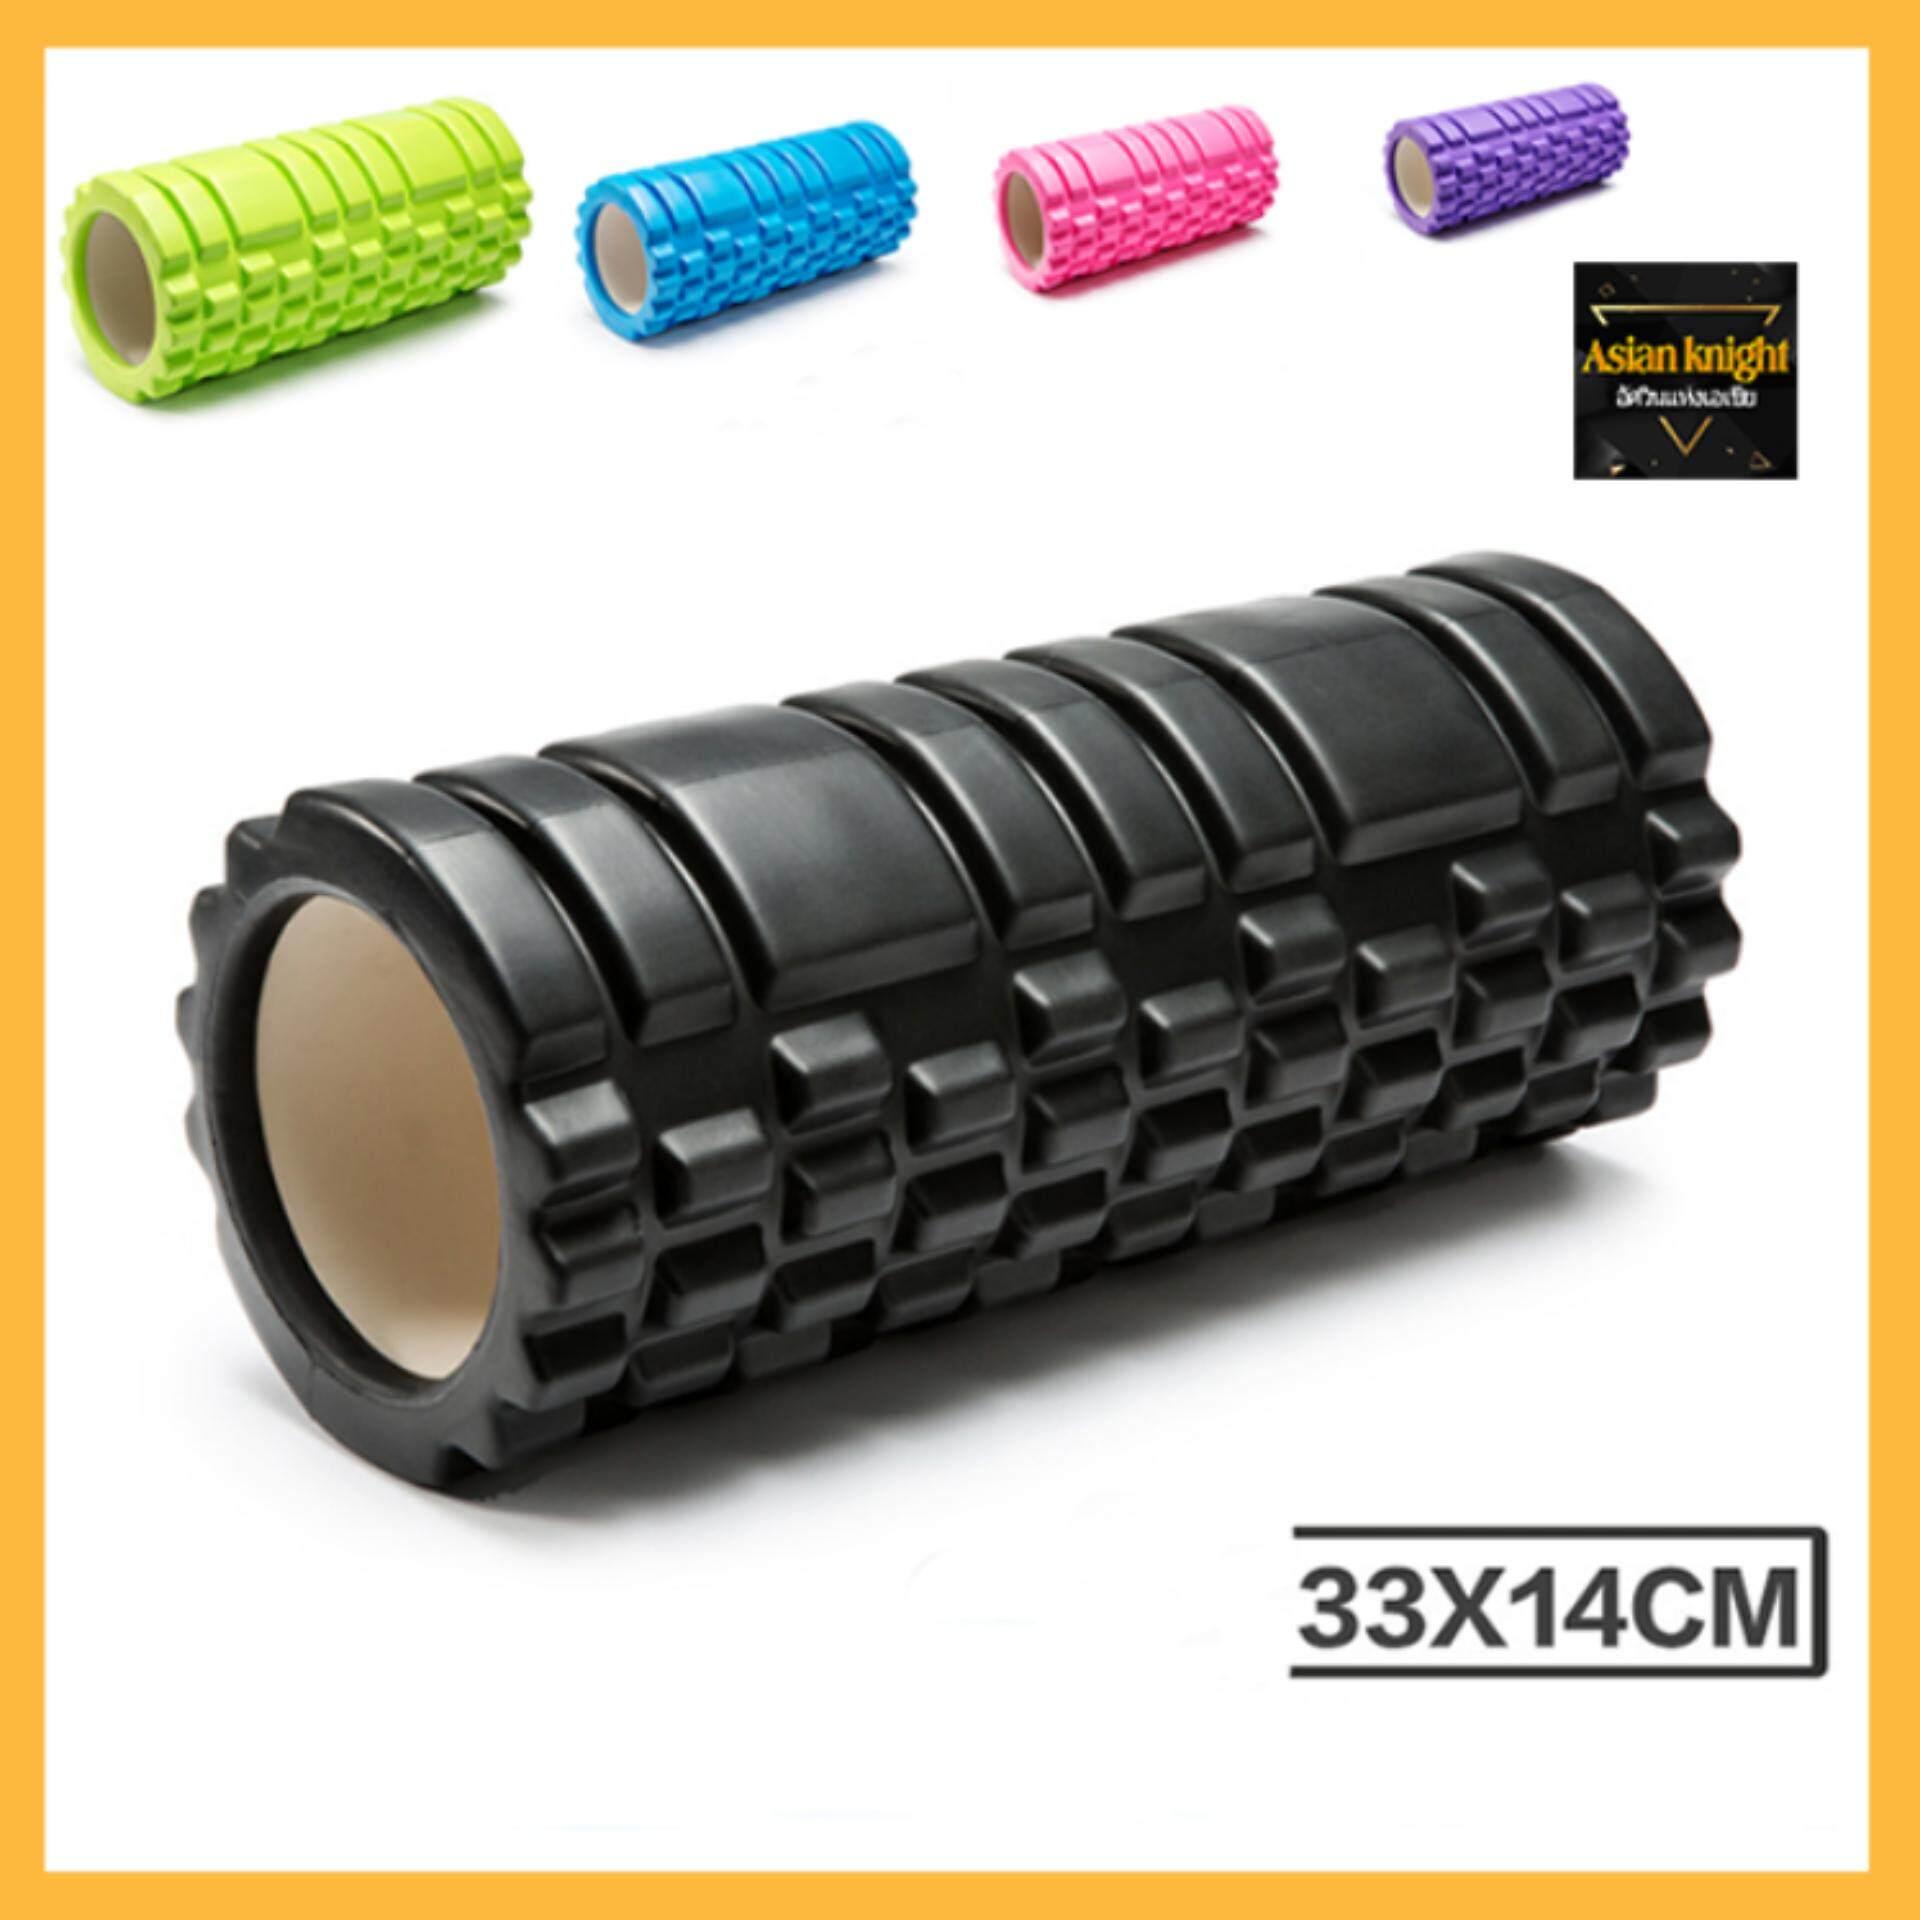 5 สี โฟมโรลเลอร์ โฟมนวดกล้ามเนื้อ สำหรับเล่นกีฬา โฟมโยคะ Yoga Foam Roller Massage อุปกรณ์ออกกำลังกาย(052).